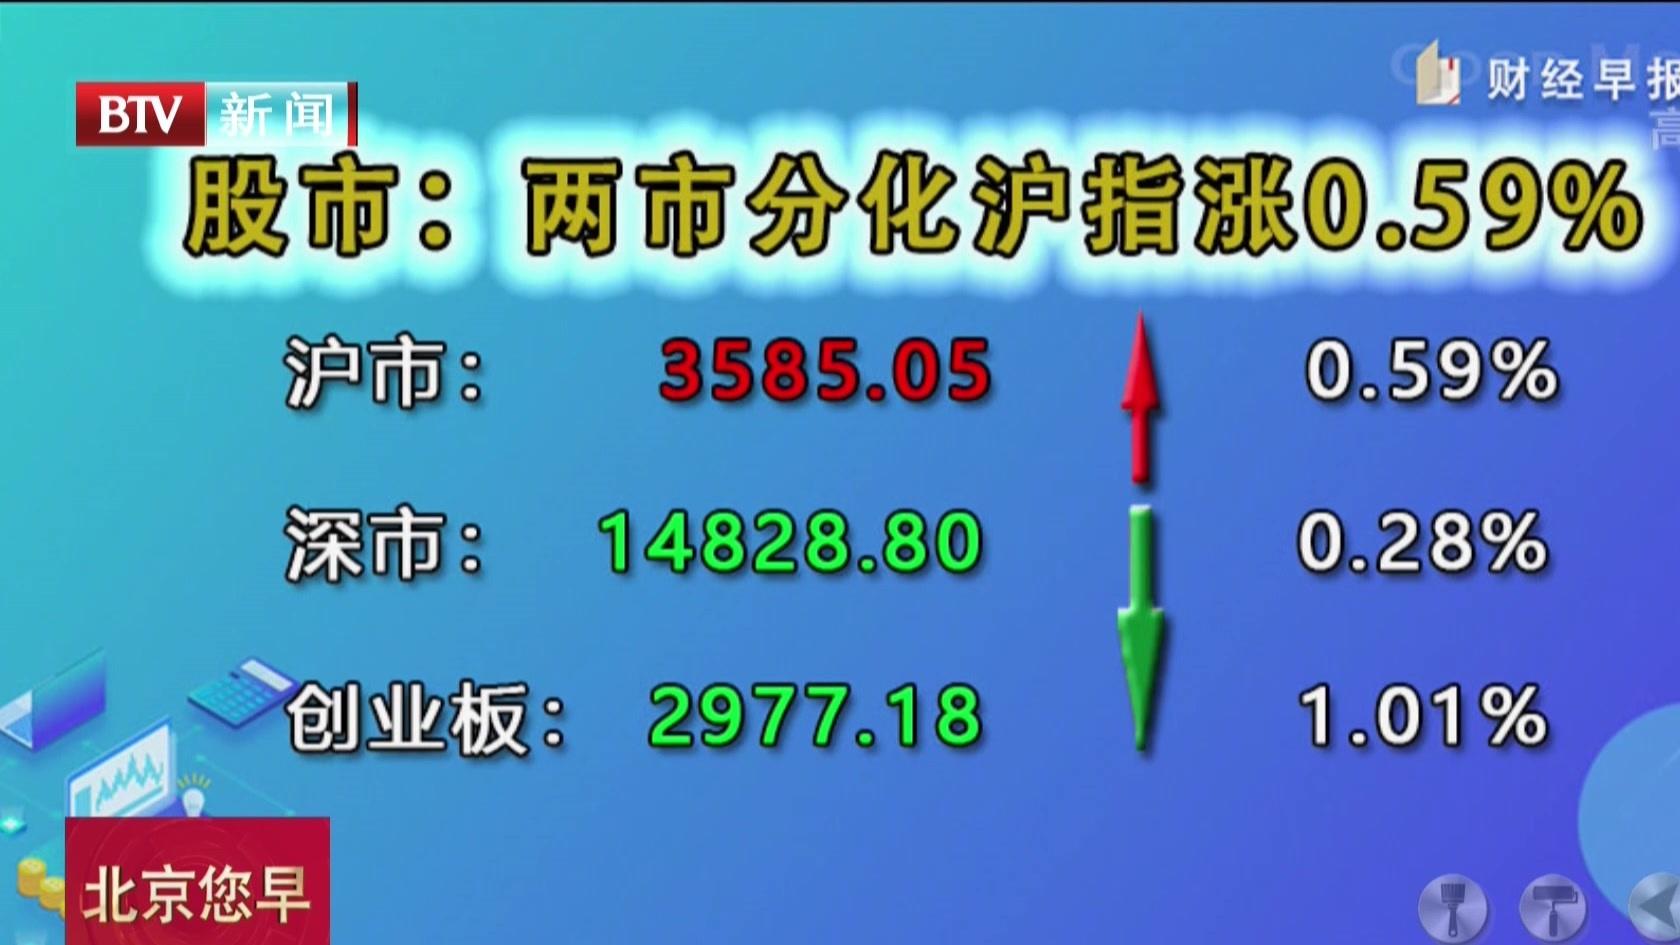 股市:两市分化沪指涨0.59%